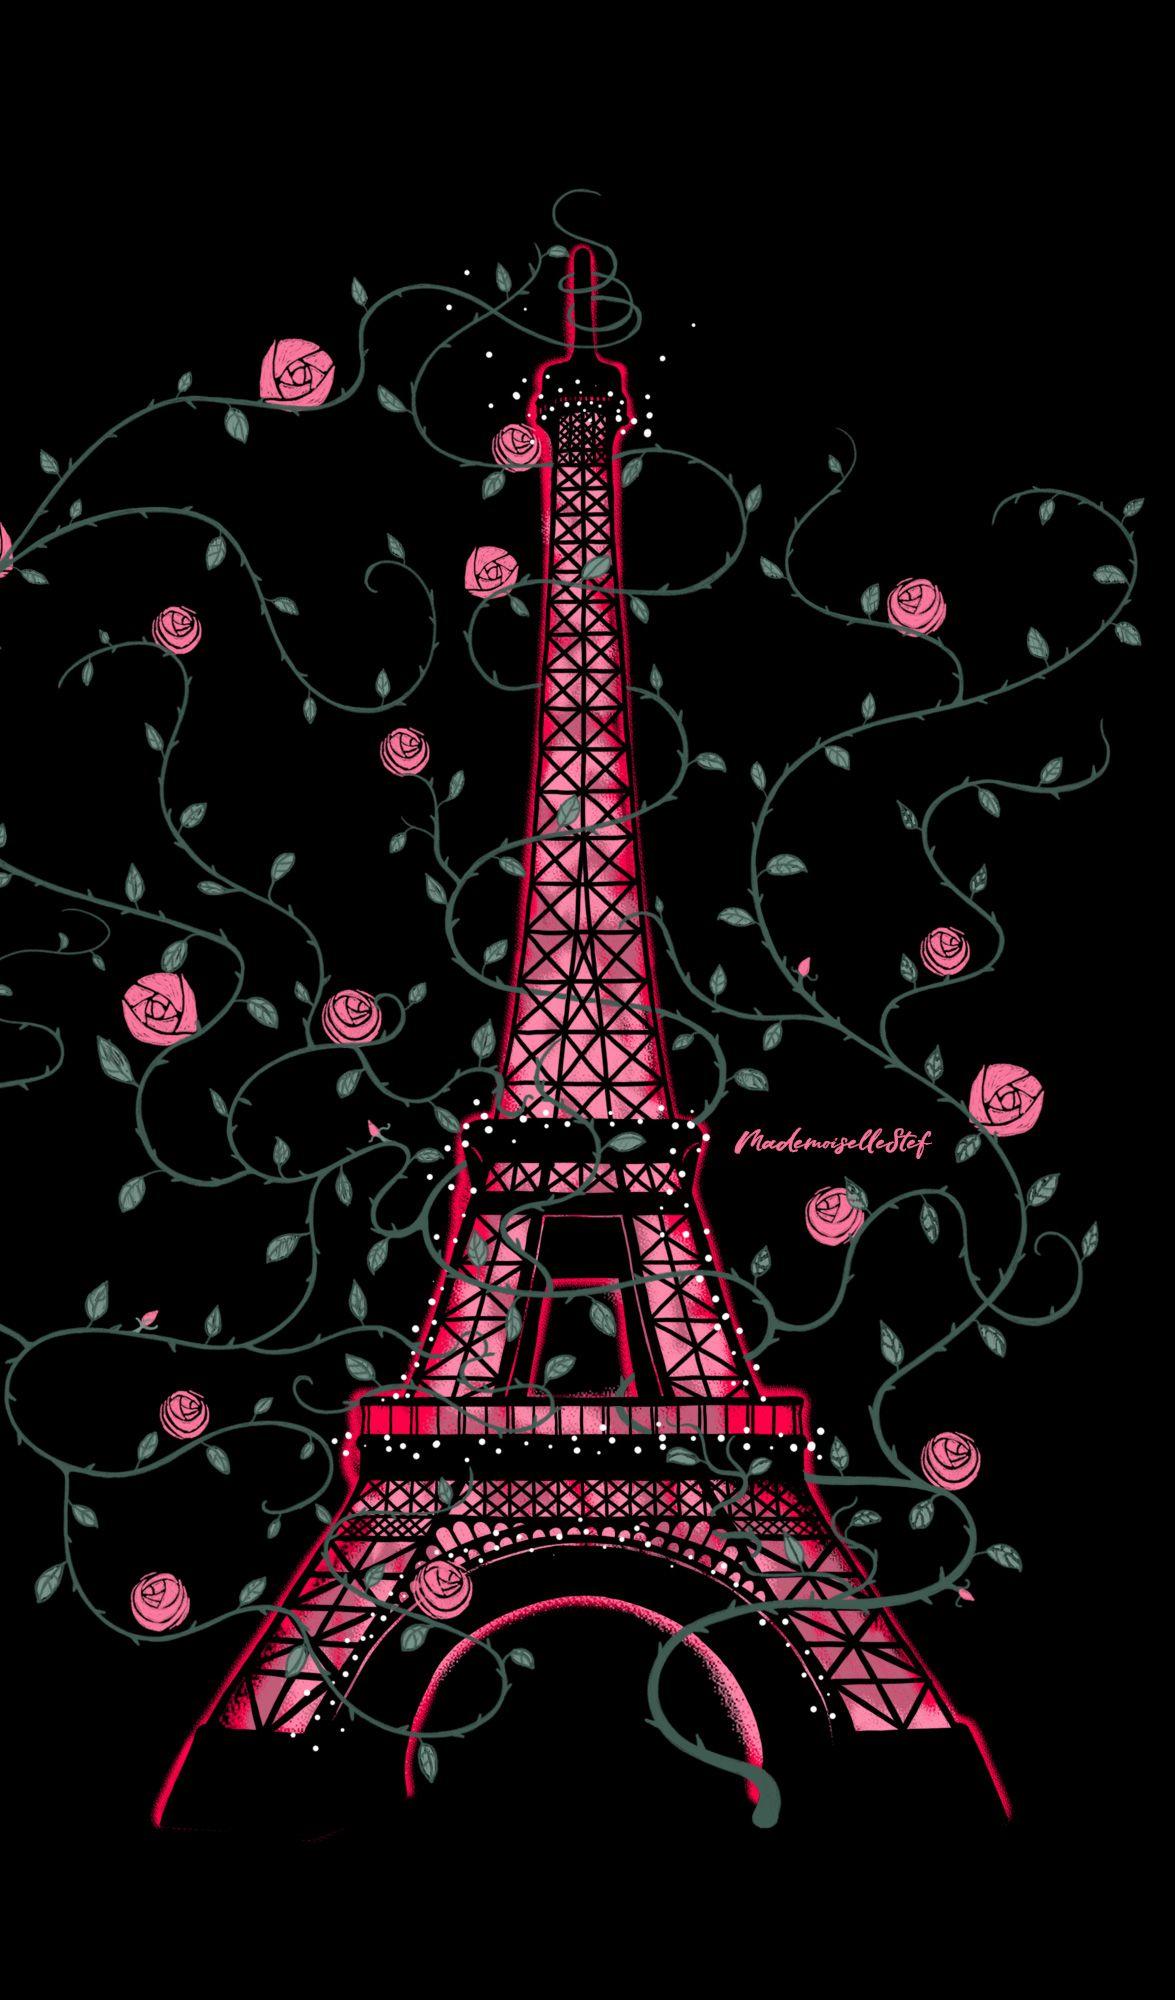 Fond D Ecran Paris Sous Les Roses I Mademoiselle Stef Fond Ecran Paris Fond Ecran Papiers Peints Mignons